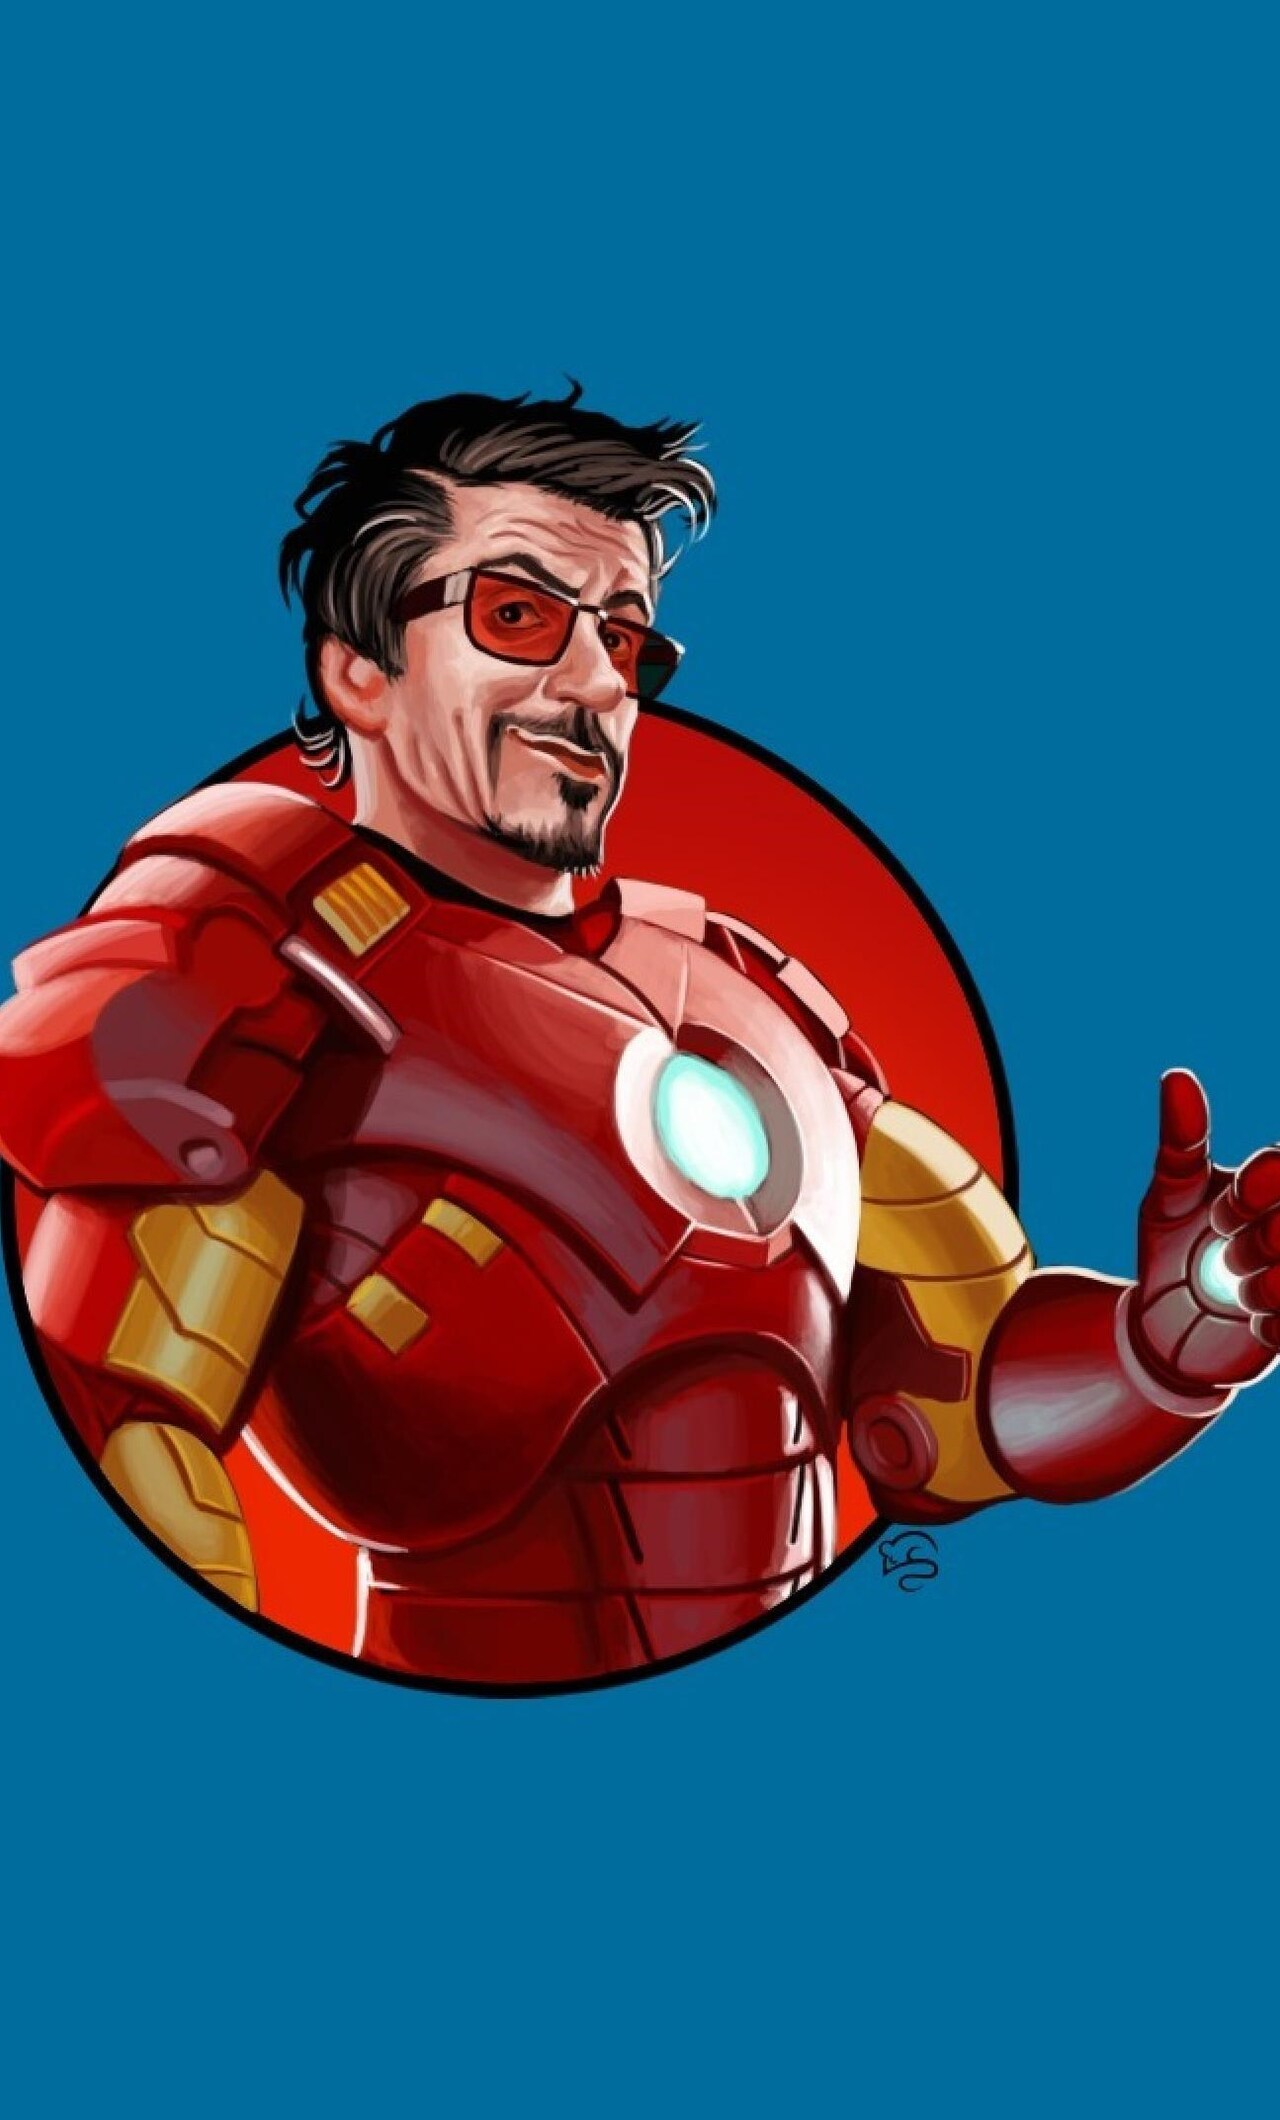 iron-man-fan-art.jpg